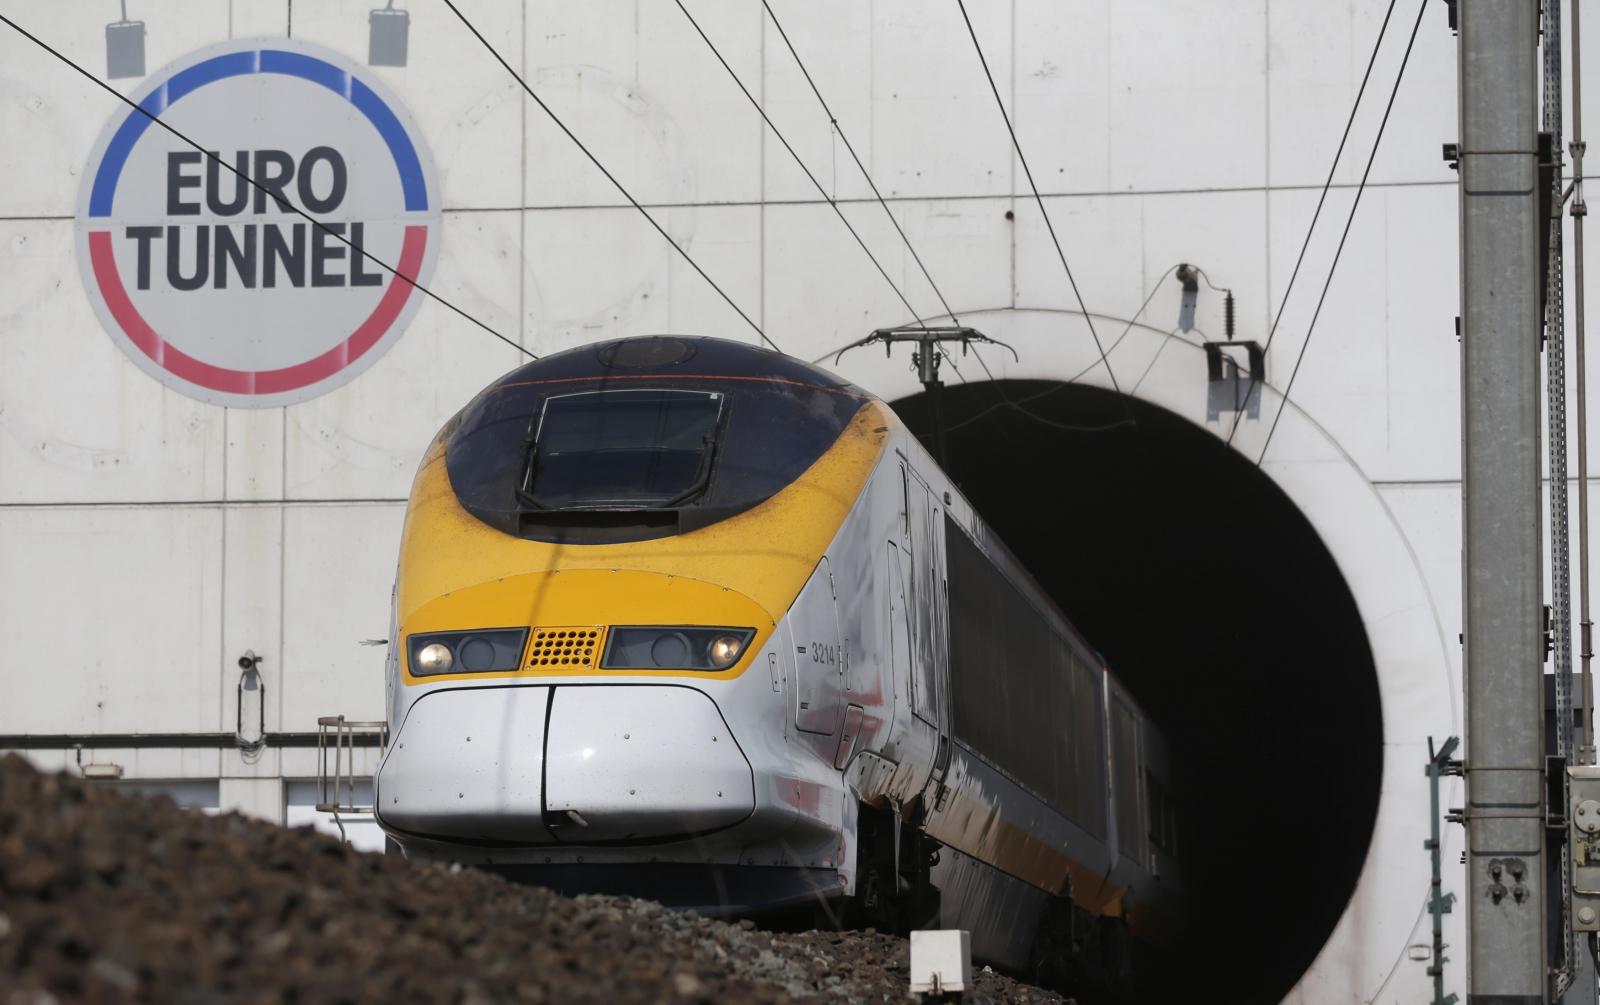 A high-speed Eurostar train exits the Channel tunnel in Coquelles, near Calais, May 5, 2014.